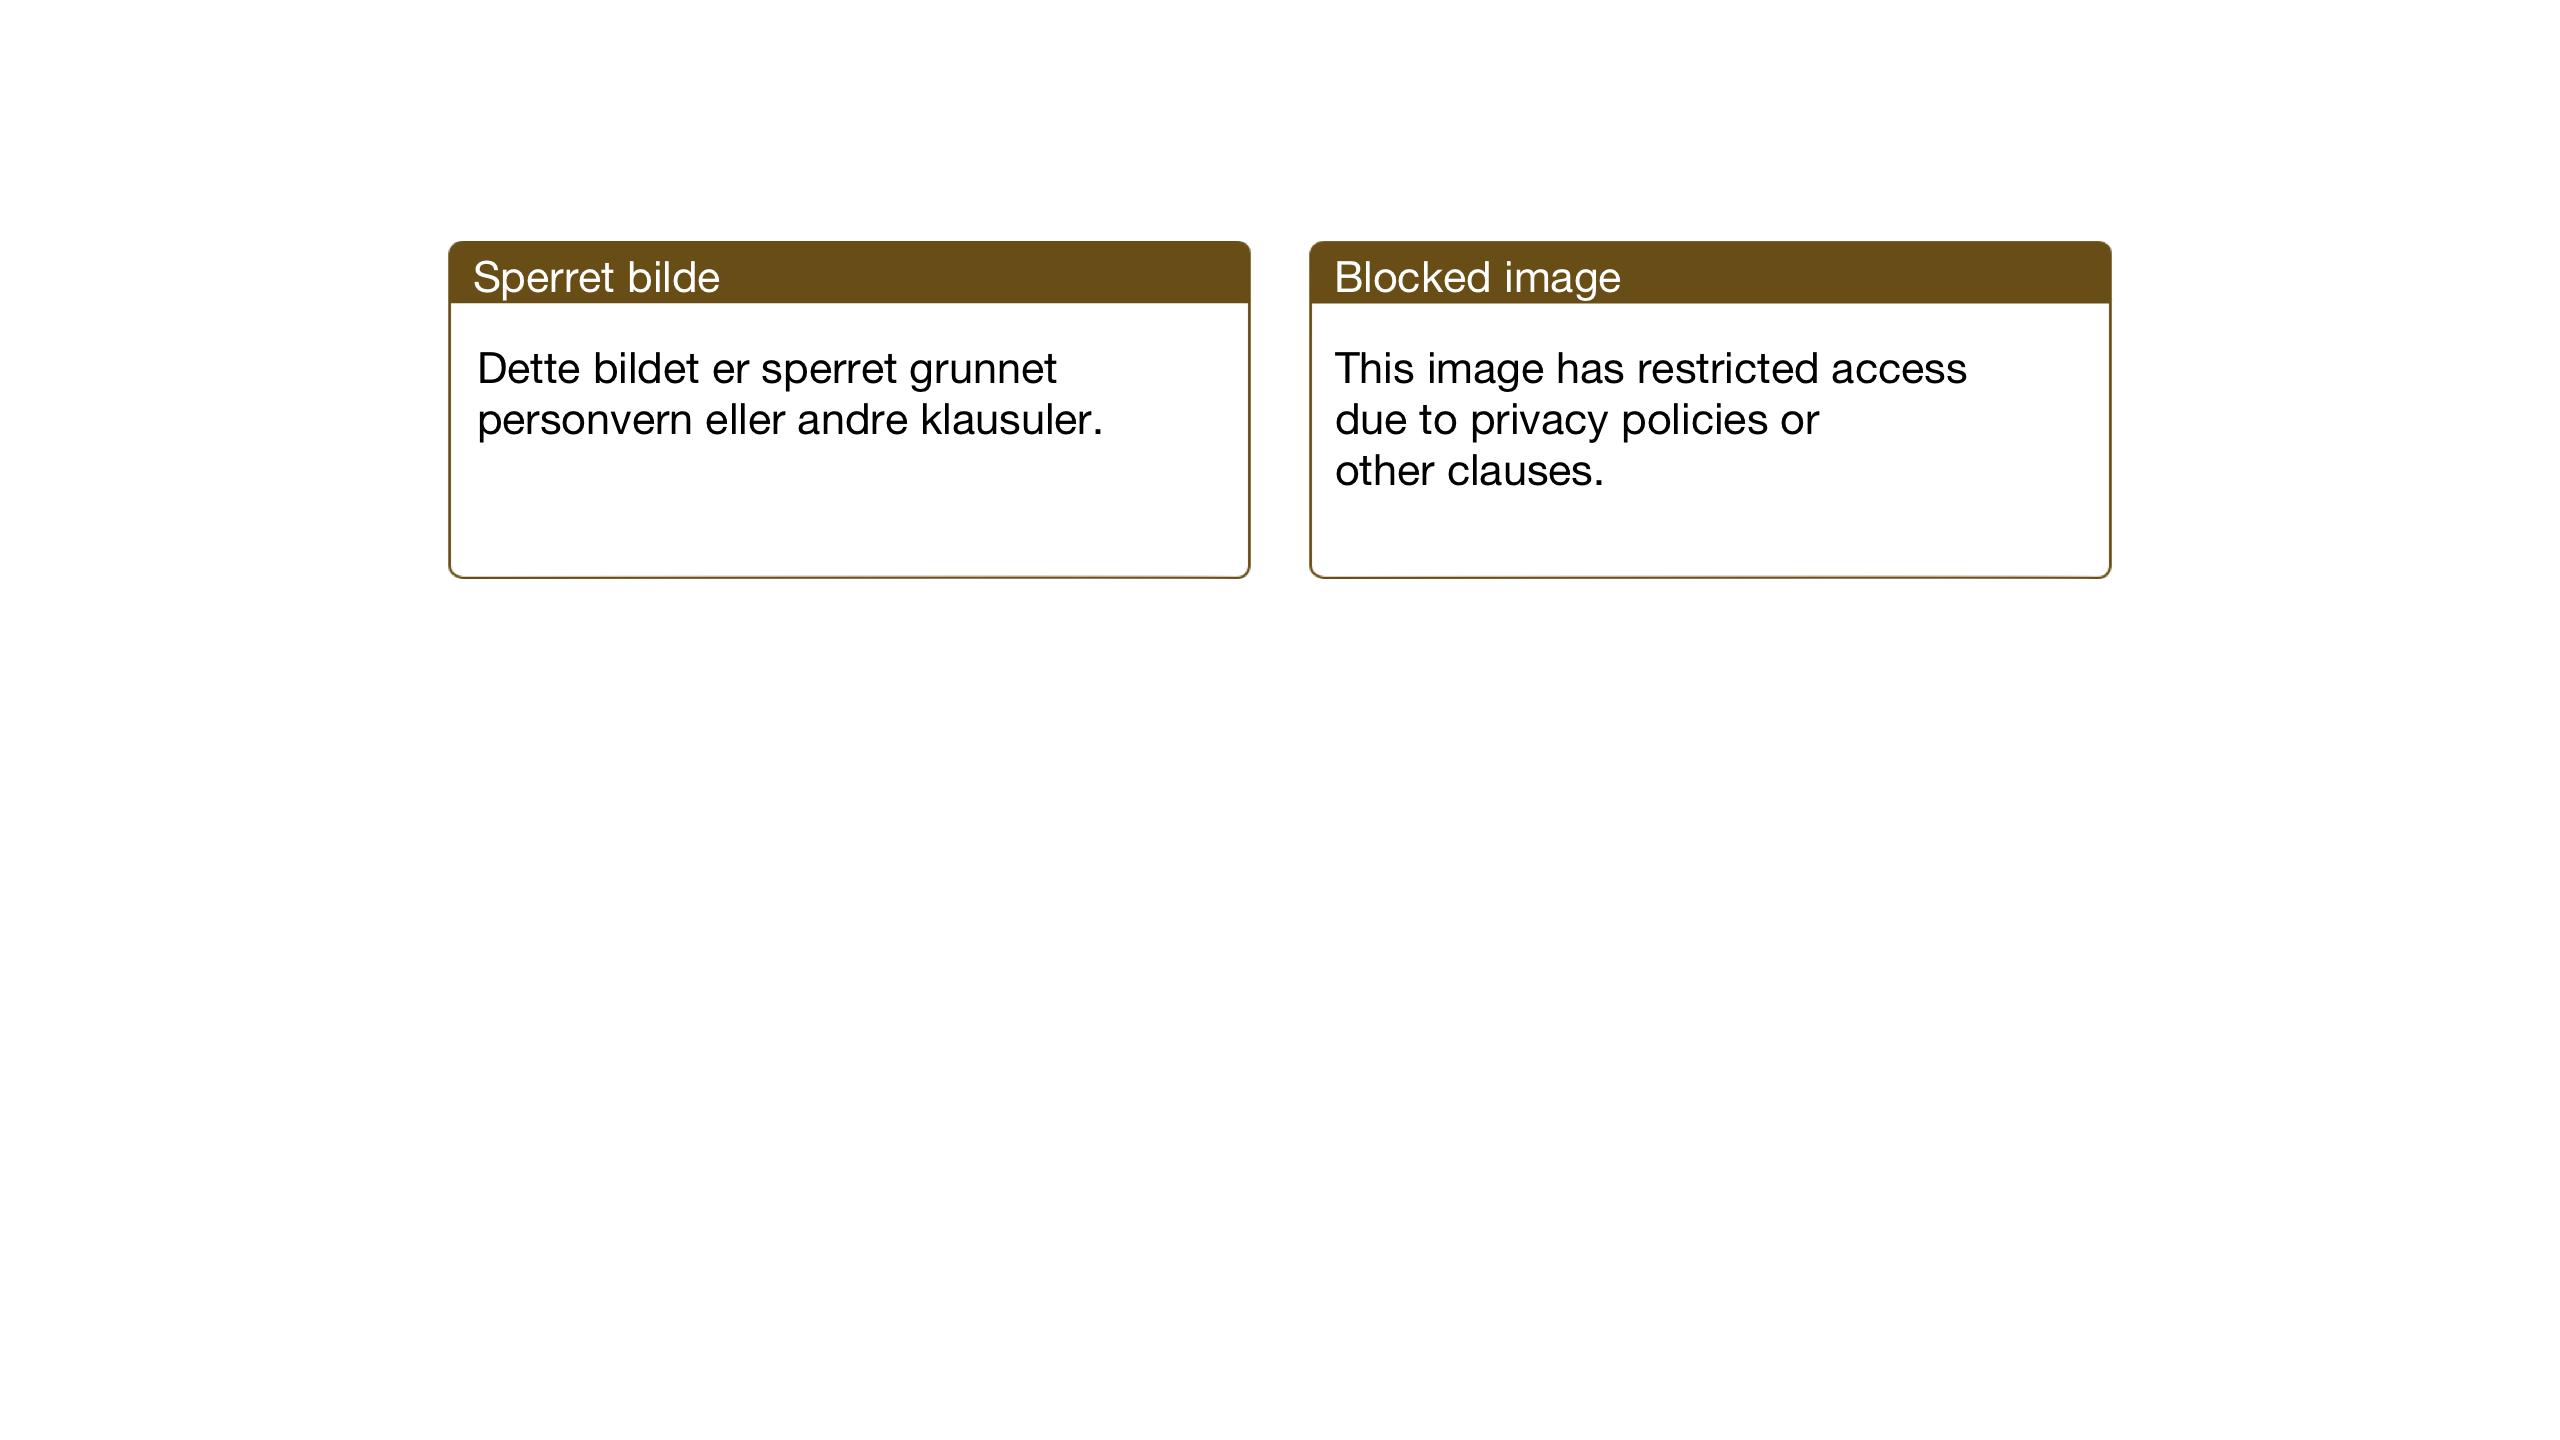 SAT, Ministerialprotokoller, klokkerbøker og fødselsregistre - Sør-Trøndelag, 637/L0564: Klokkerbok nr. 637C05, 1928-1968, s. 39